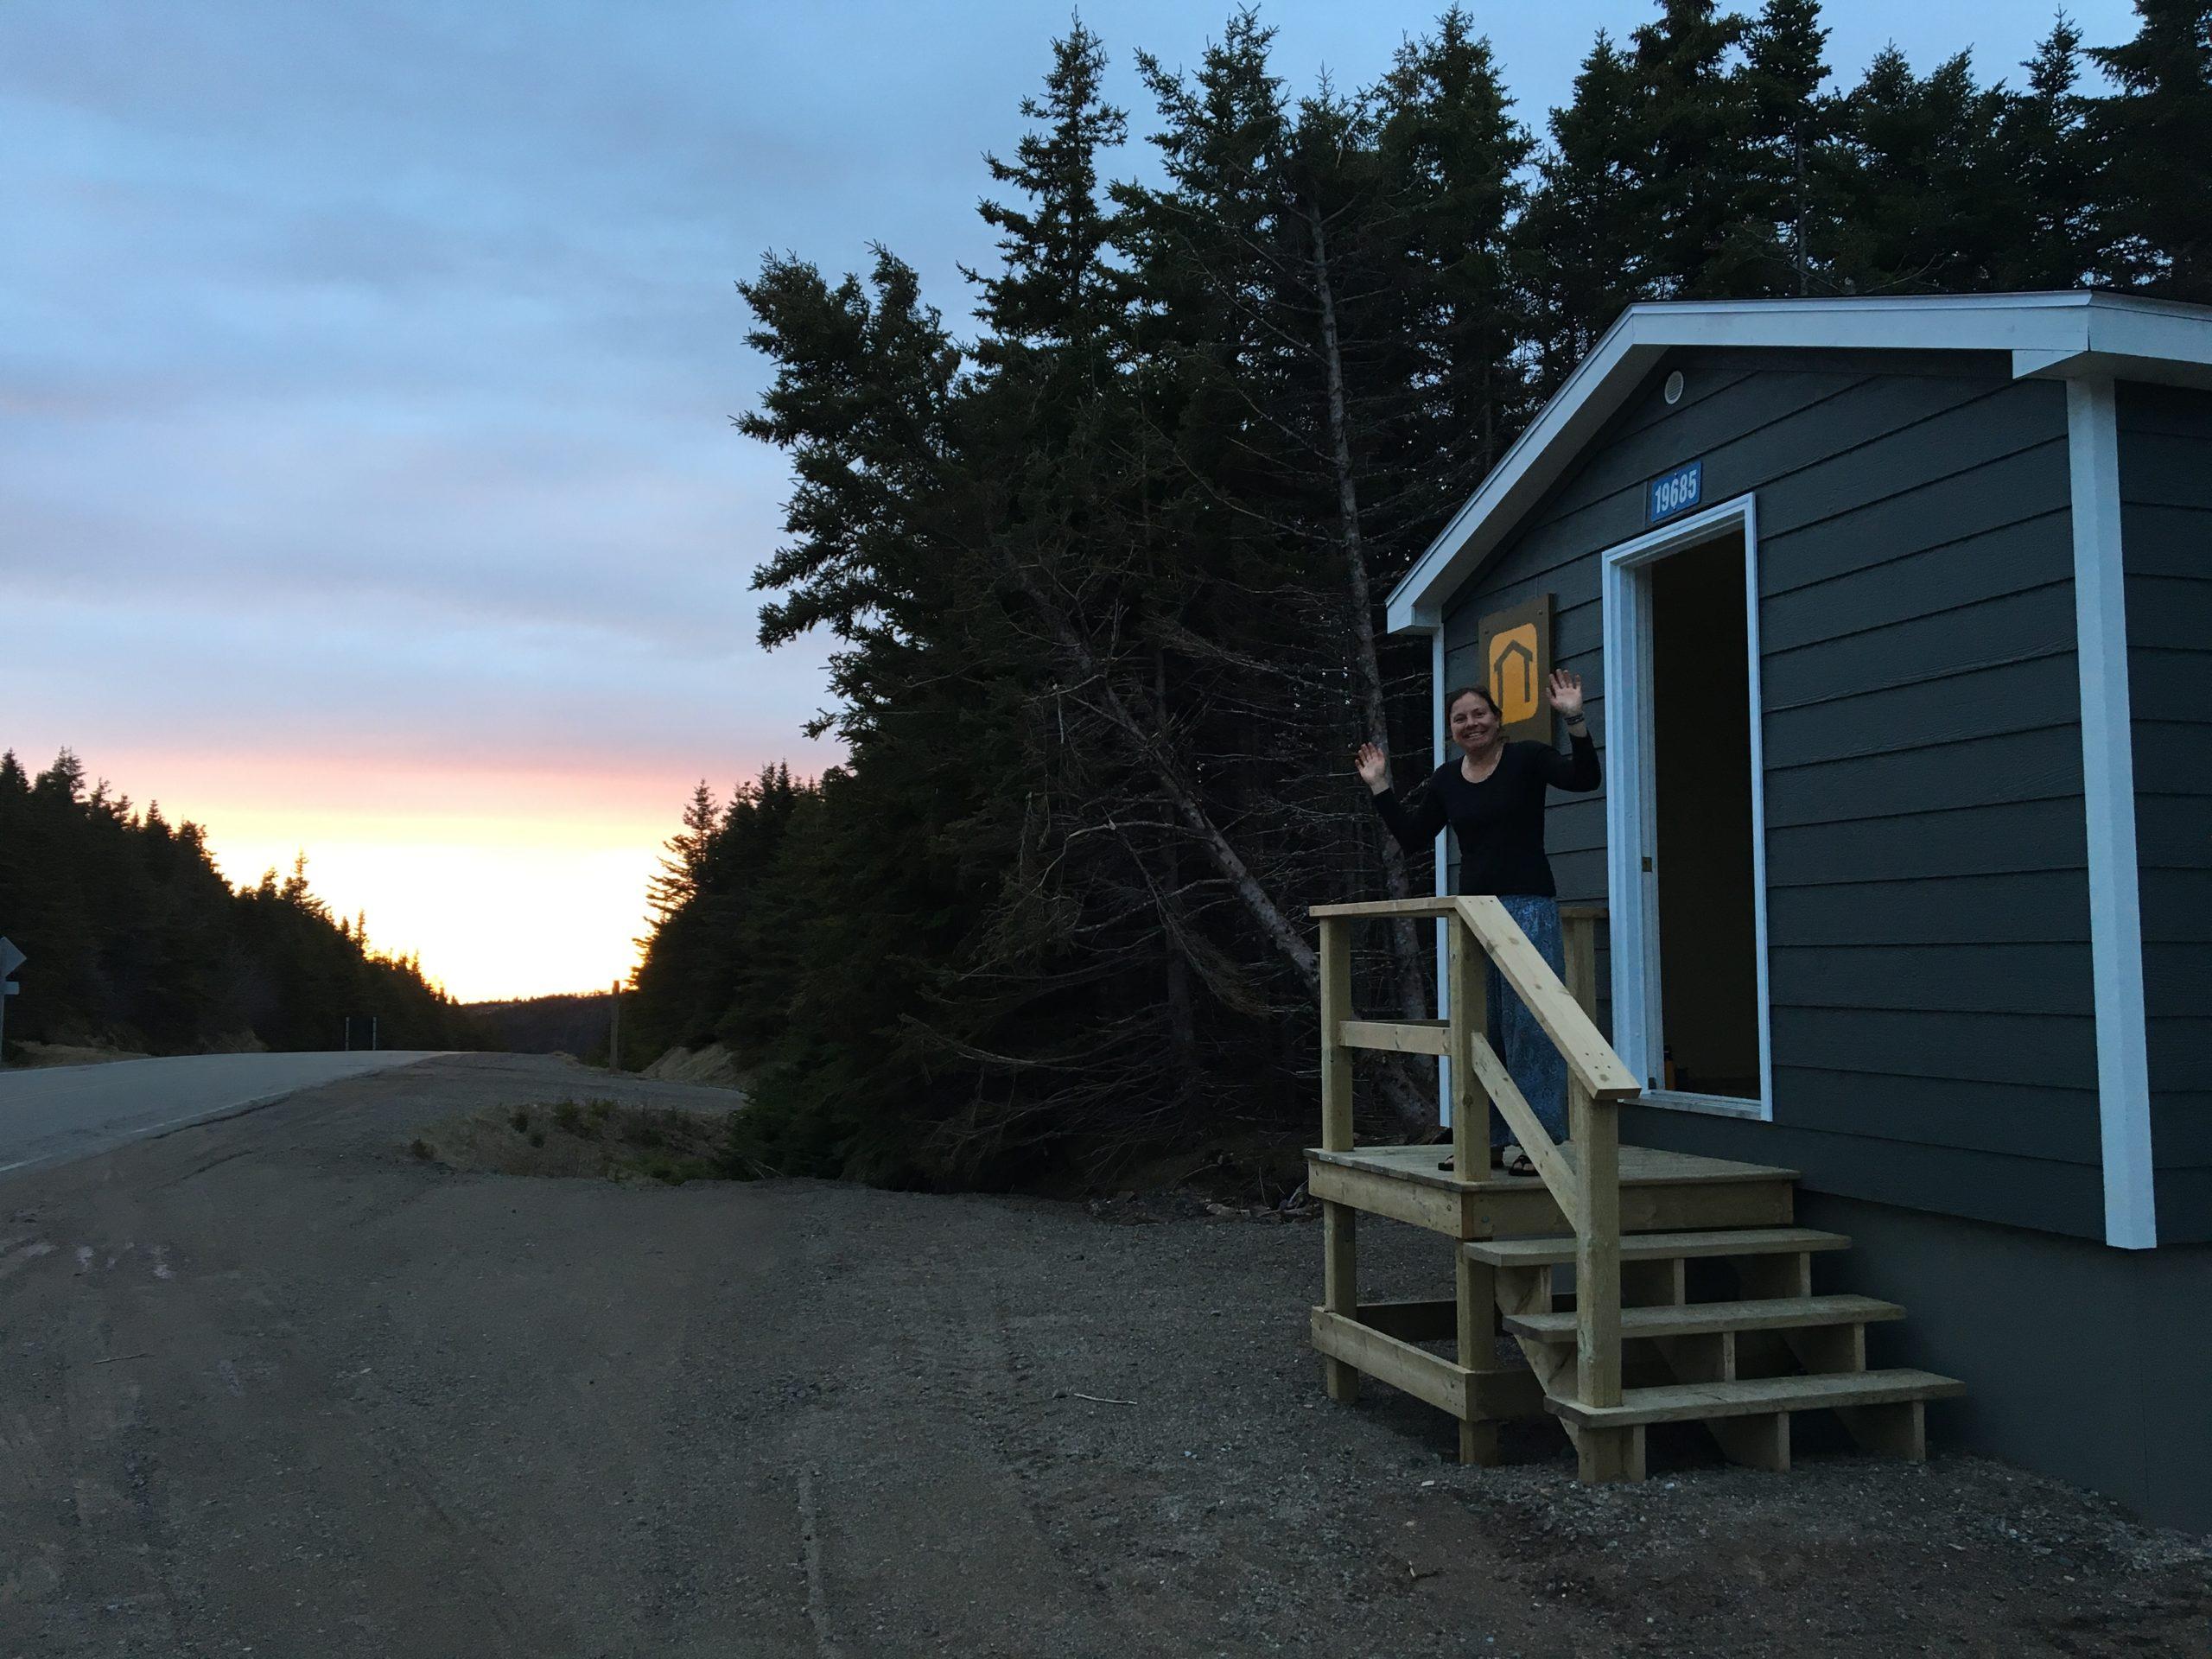 Unsere zweite Unterkunft in Nova Scotia